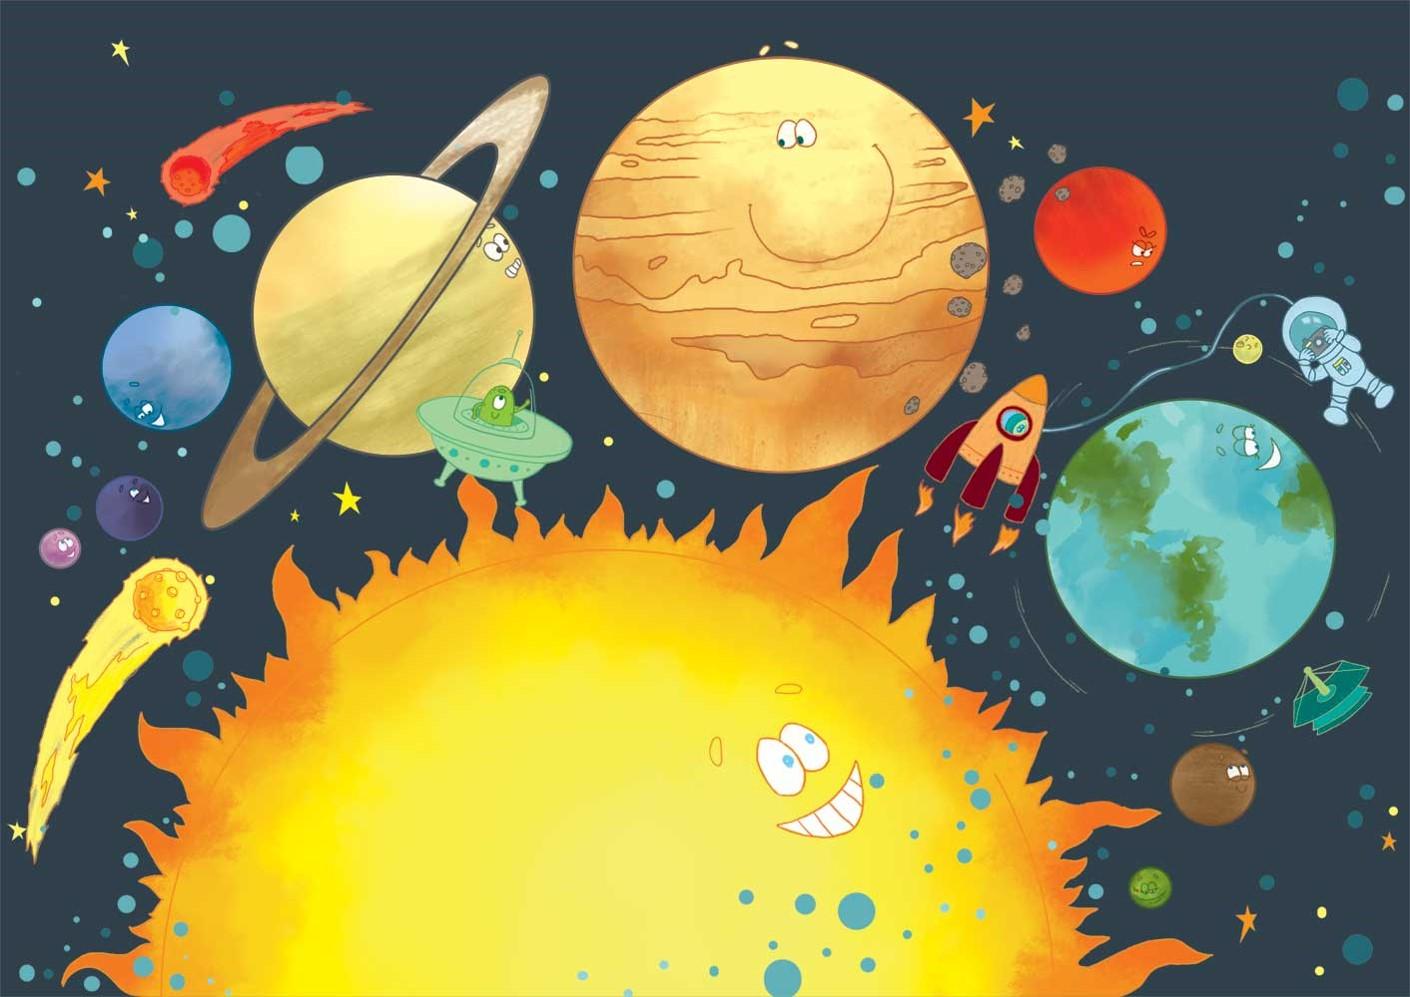 Інформація і МИ: роздуми, цікавинки, запитання і відповіді, задачі для  дітей і дорослих, новини...: Віртуальна подорож сюжетною картиною «Космос:  реальний та фантастичний»